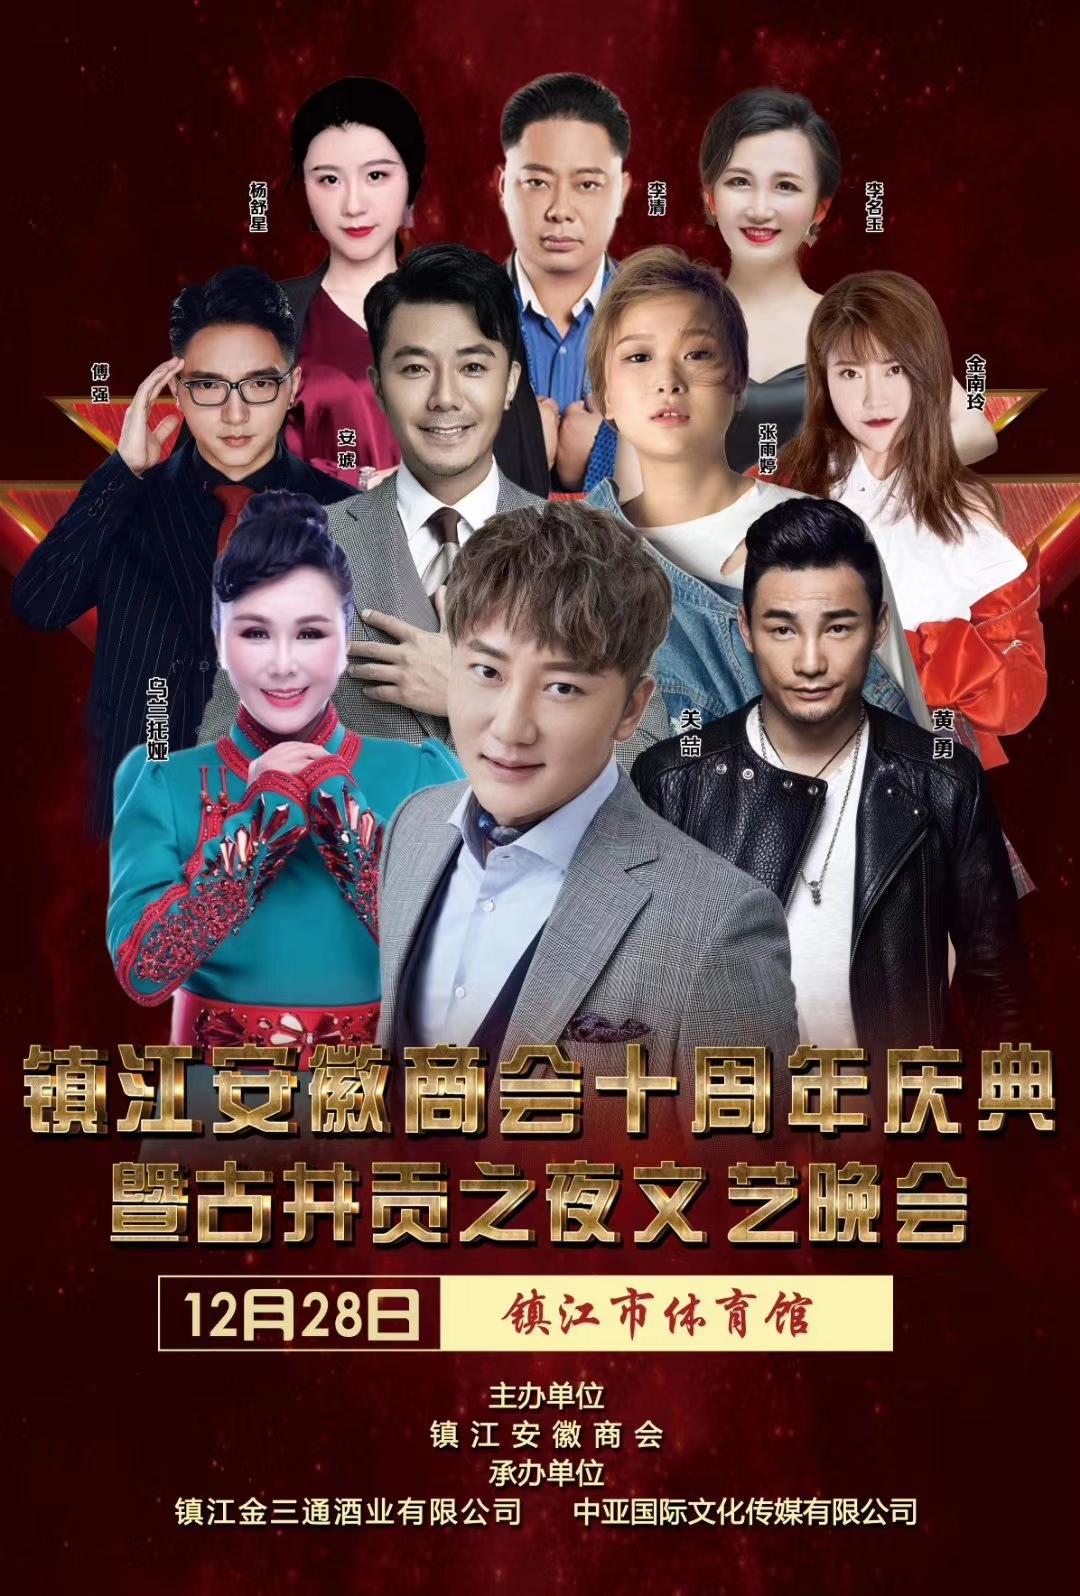 2019镇江安徽商会十周年庆典暨古井贡之夜群星演唱会